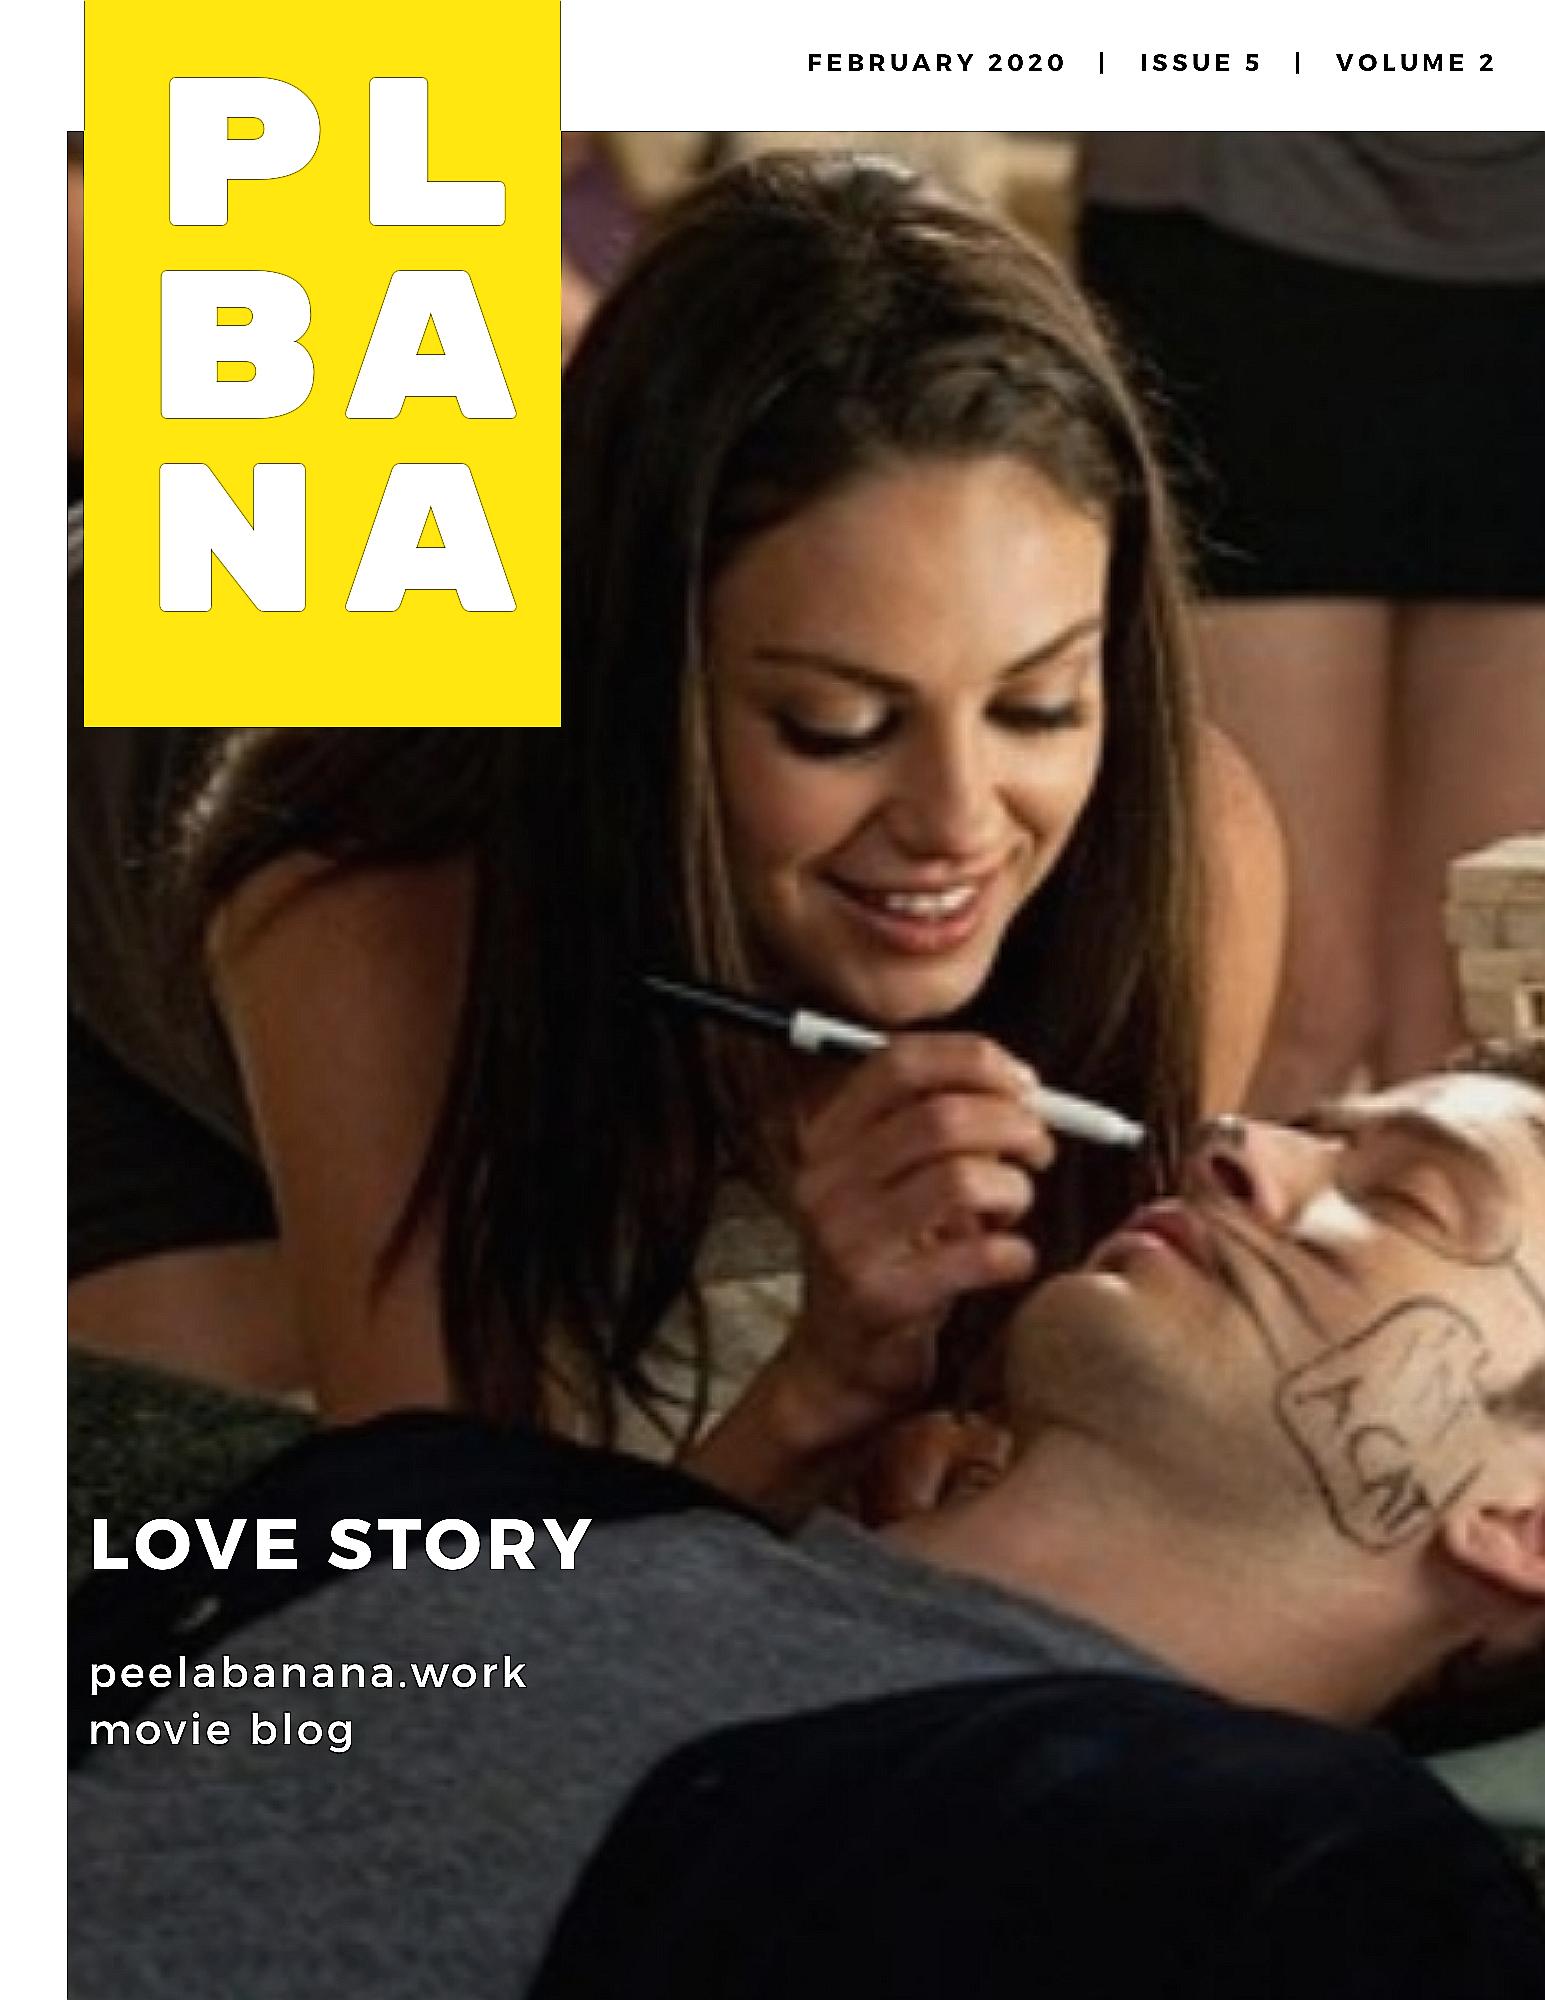 憧れのNYが舞台のおすすめ恋愛映画!ロマコメが止まらない・・・